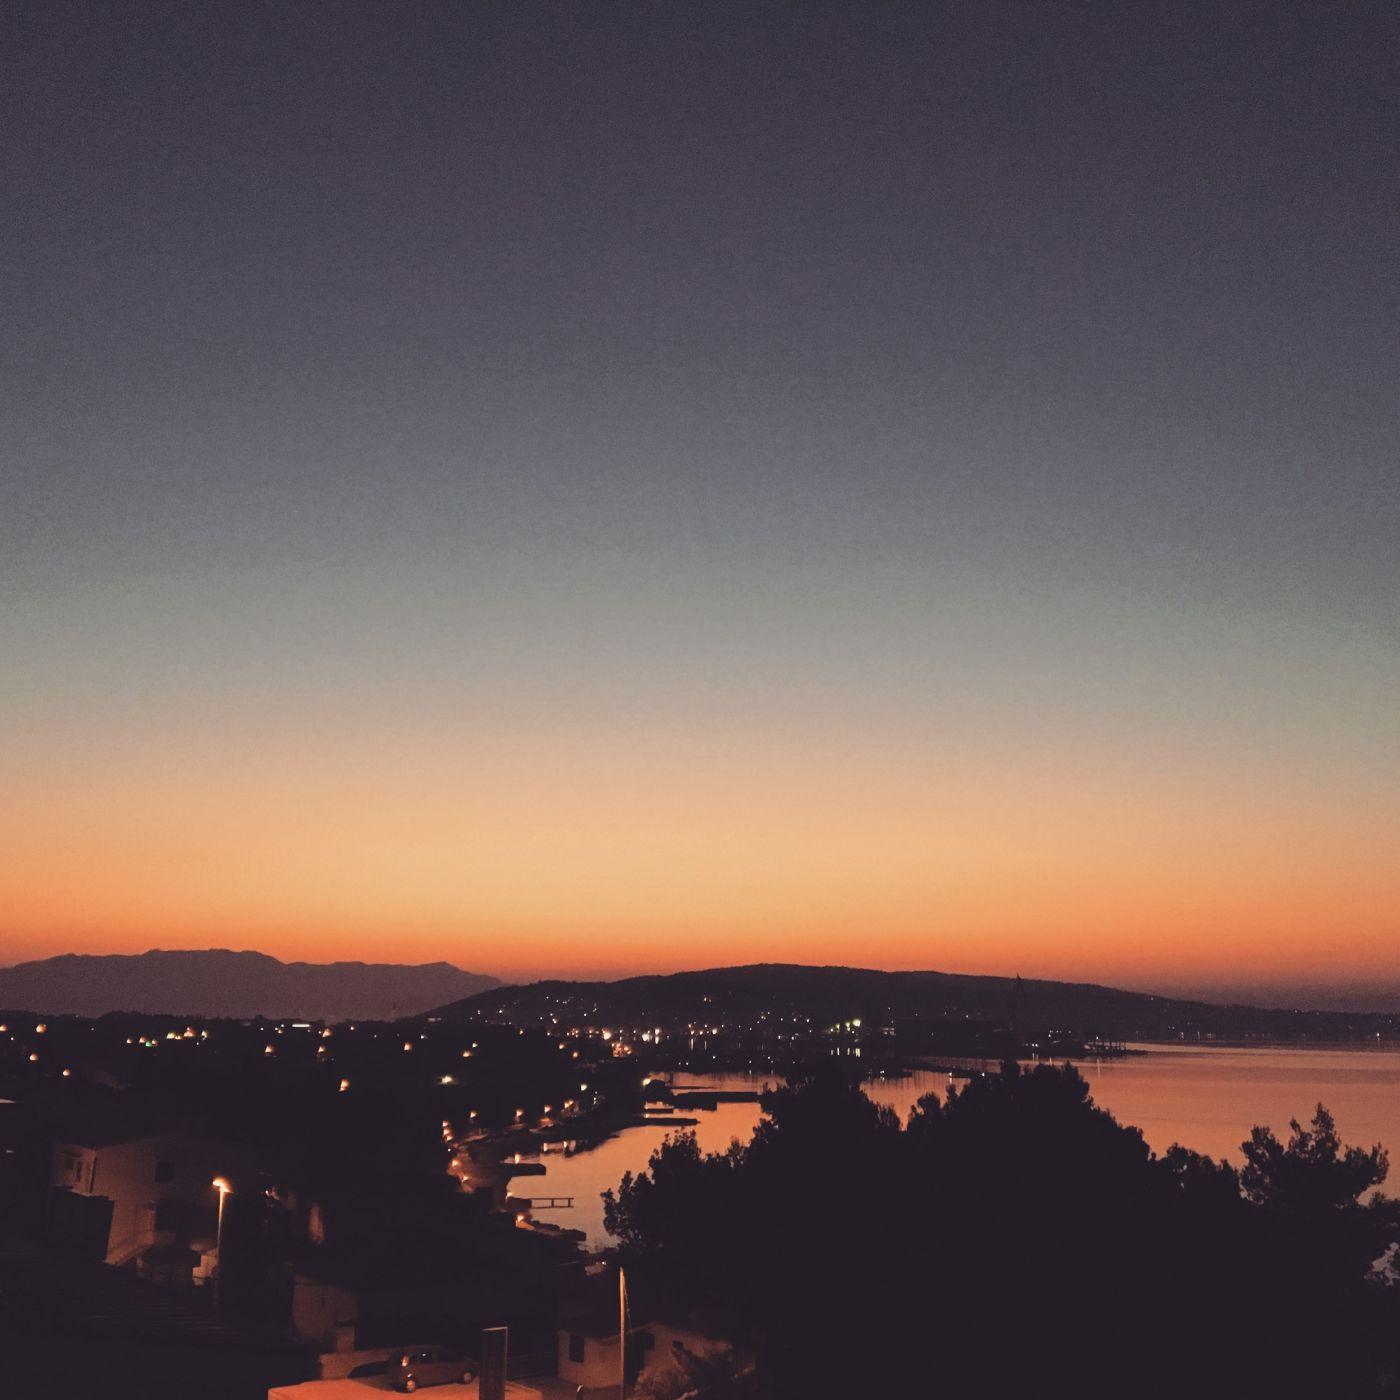 Ljubi Francic, Croatia